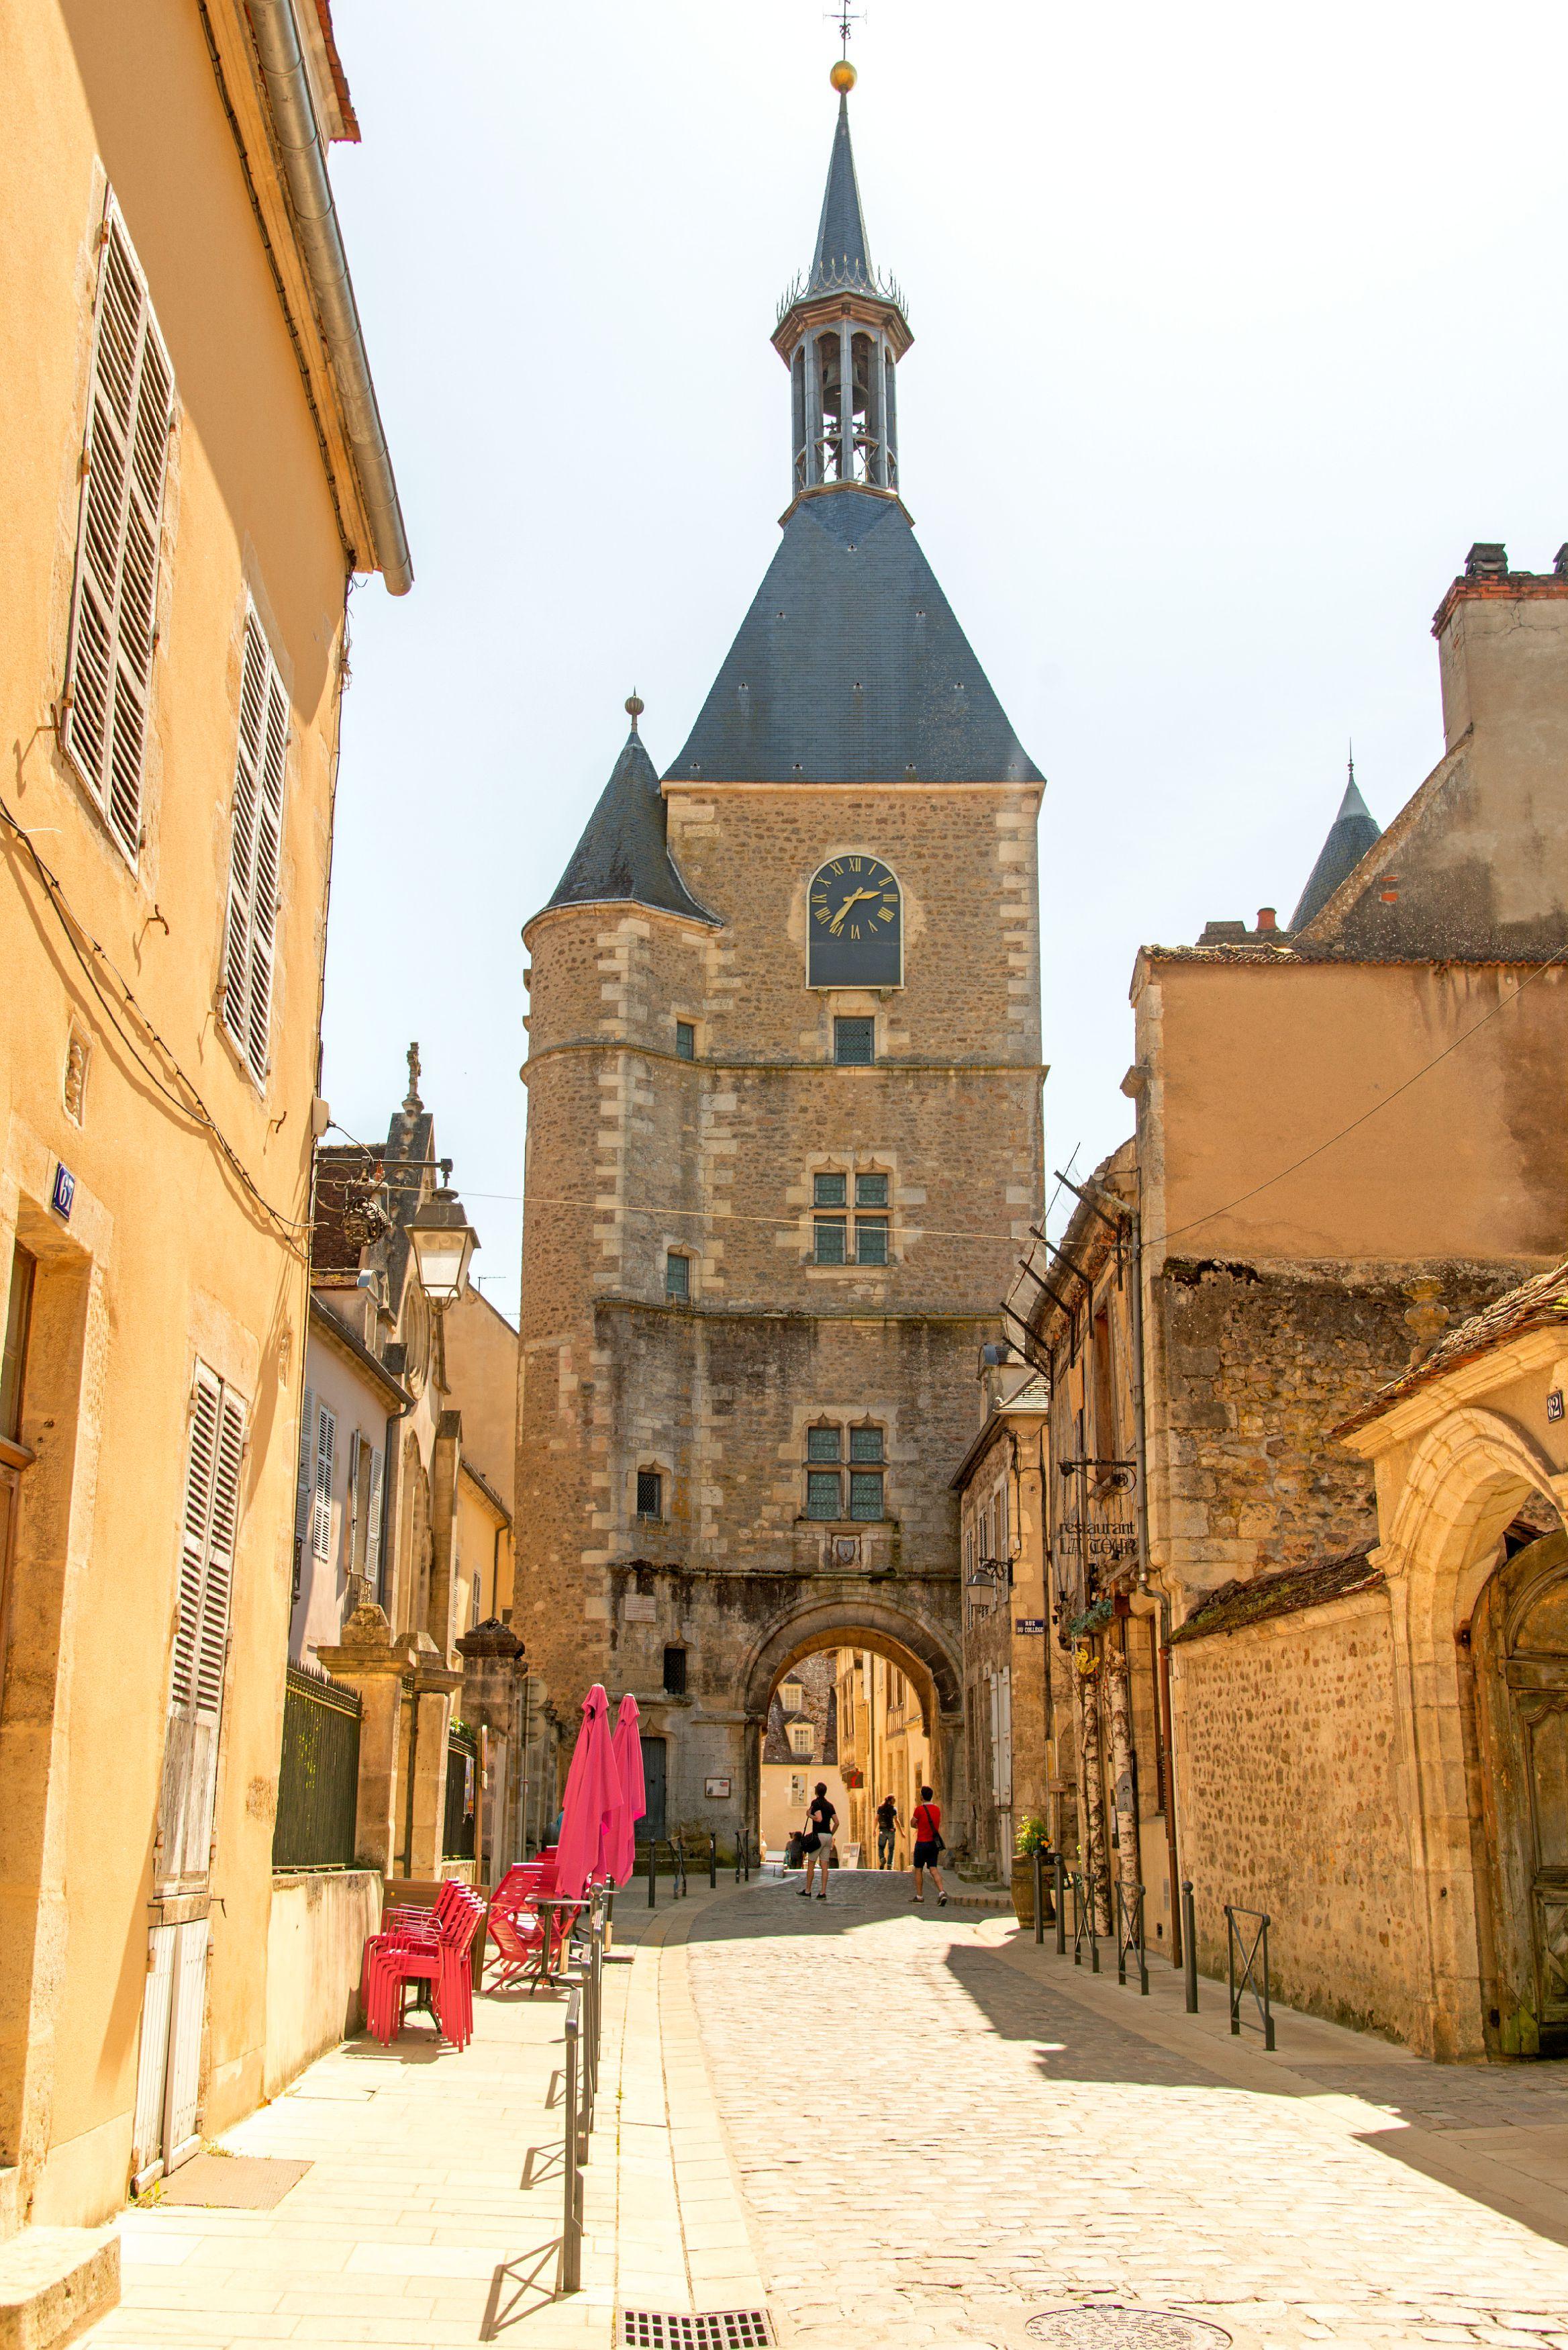 Tour de l'Horloge d'Avallon